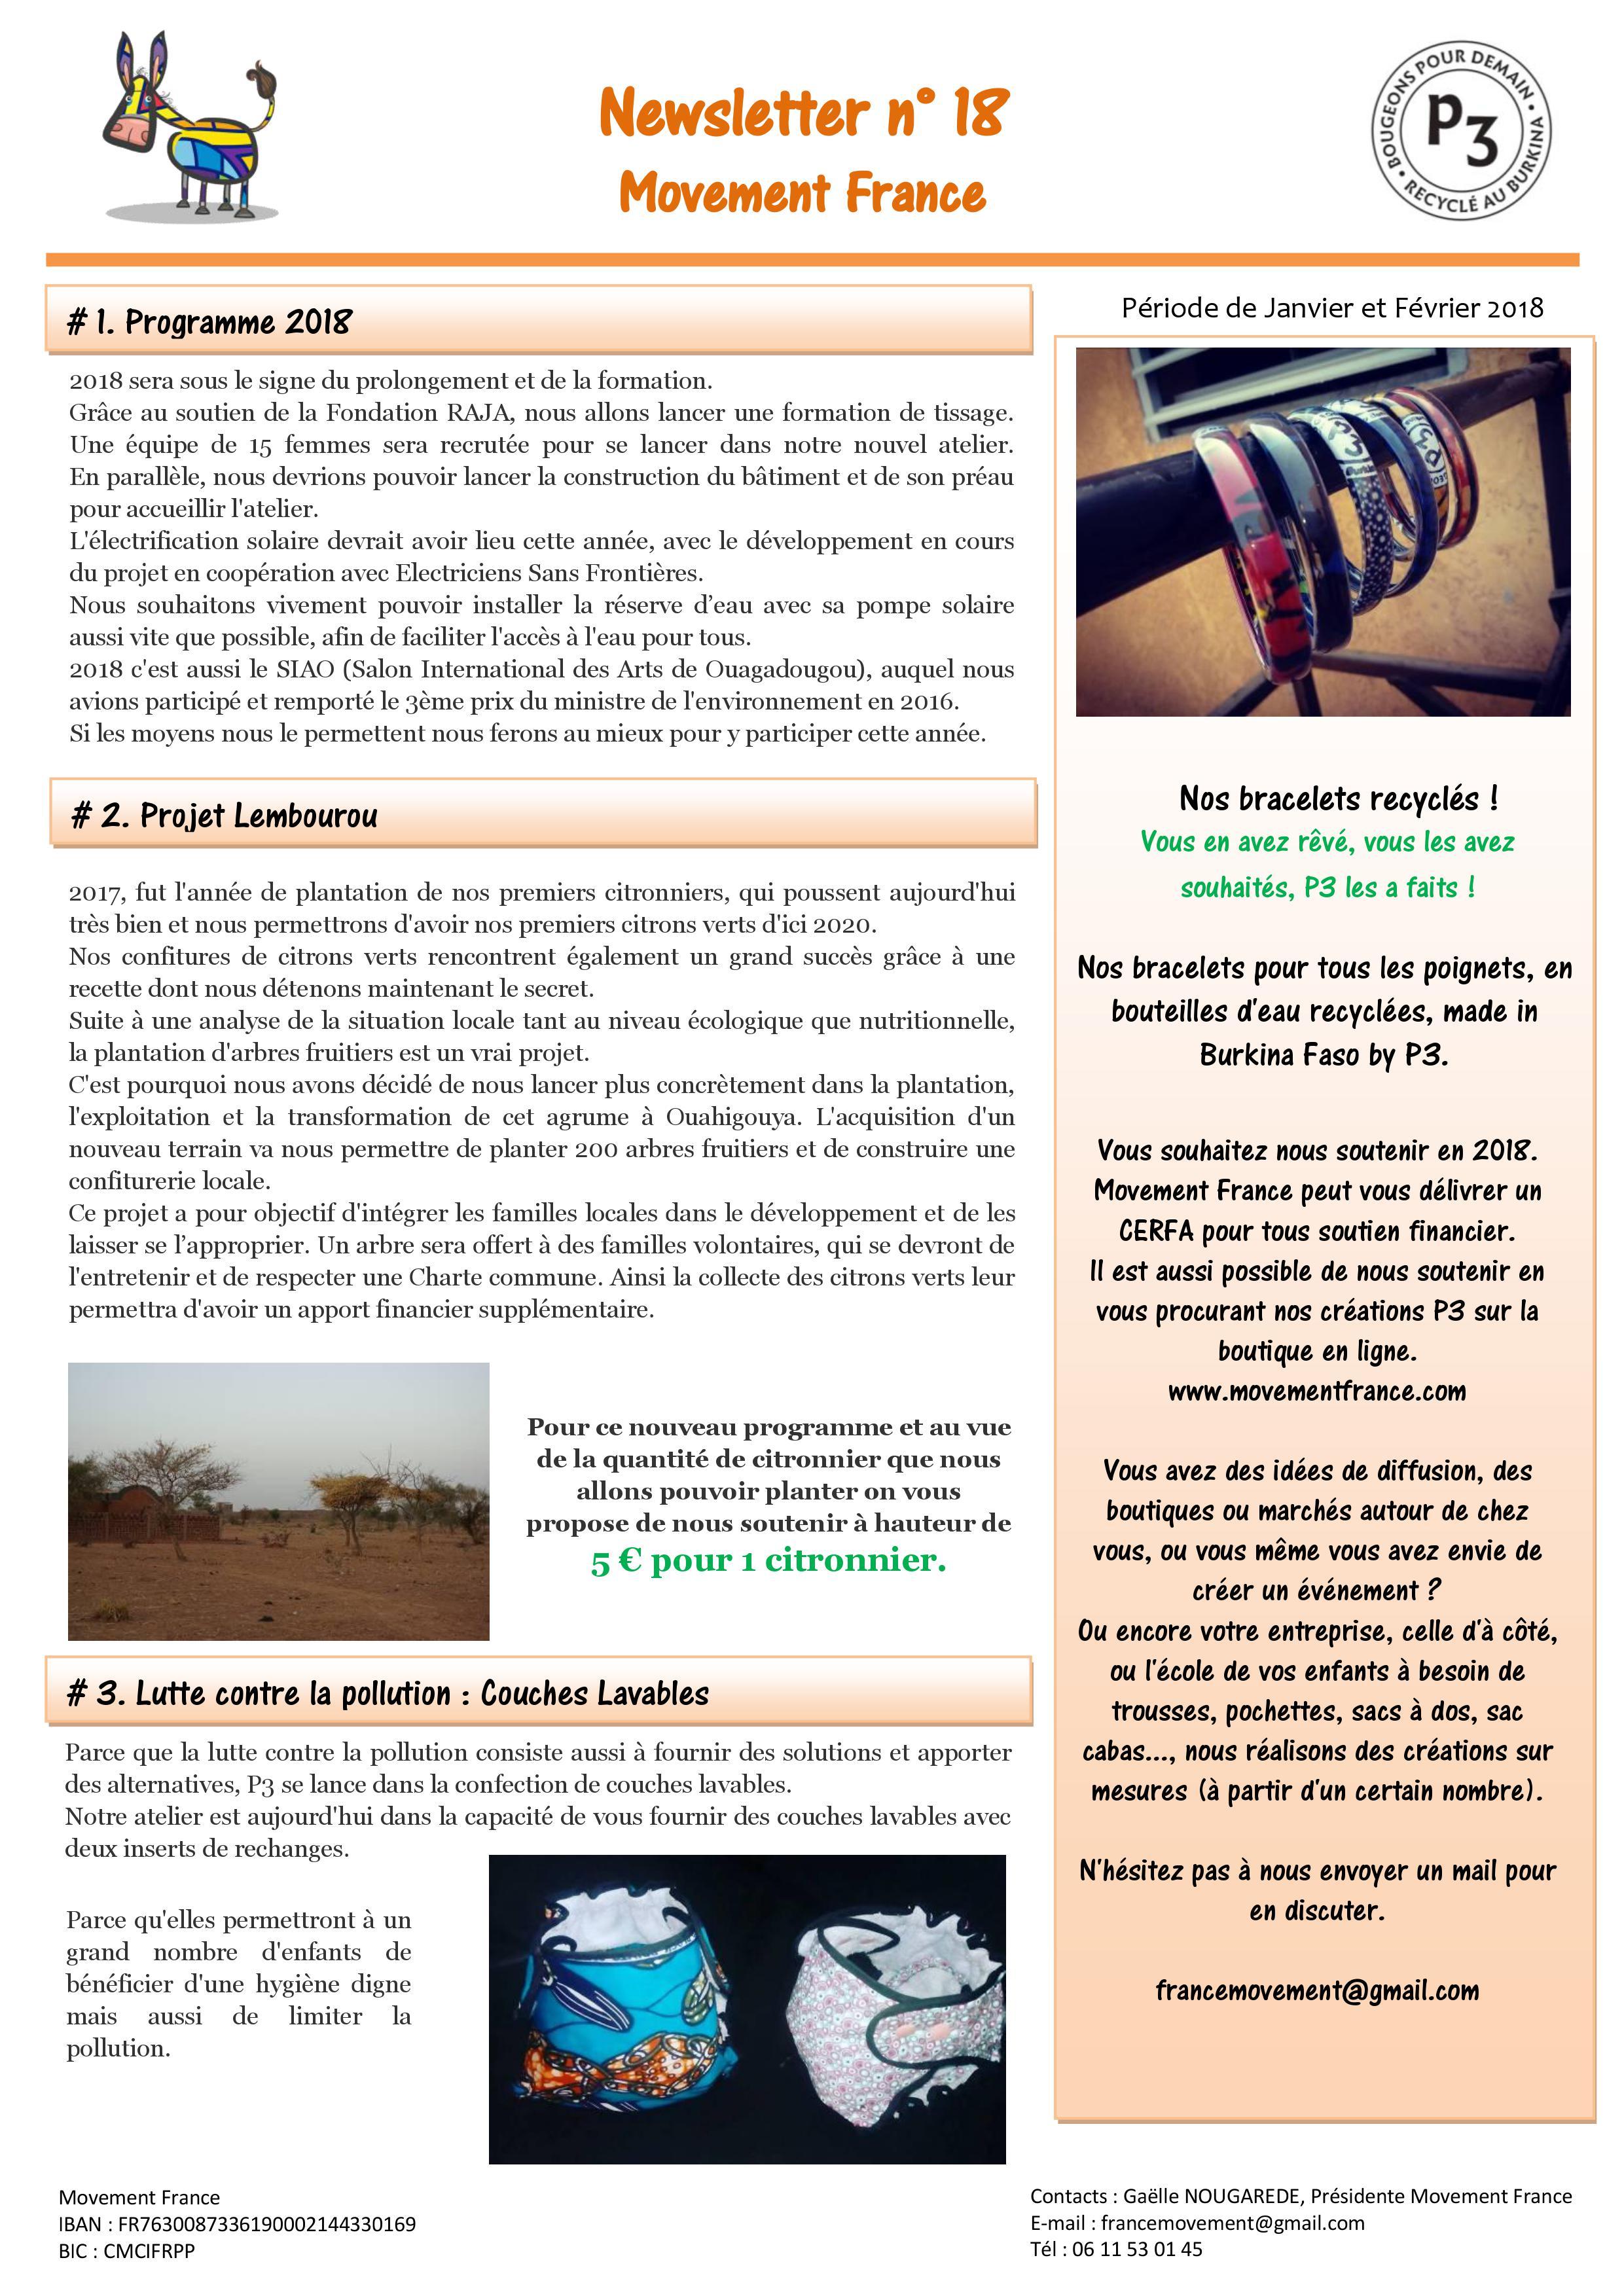 Newsletter N°18